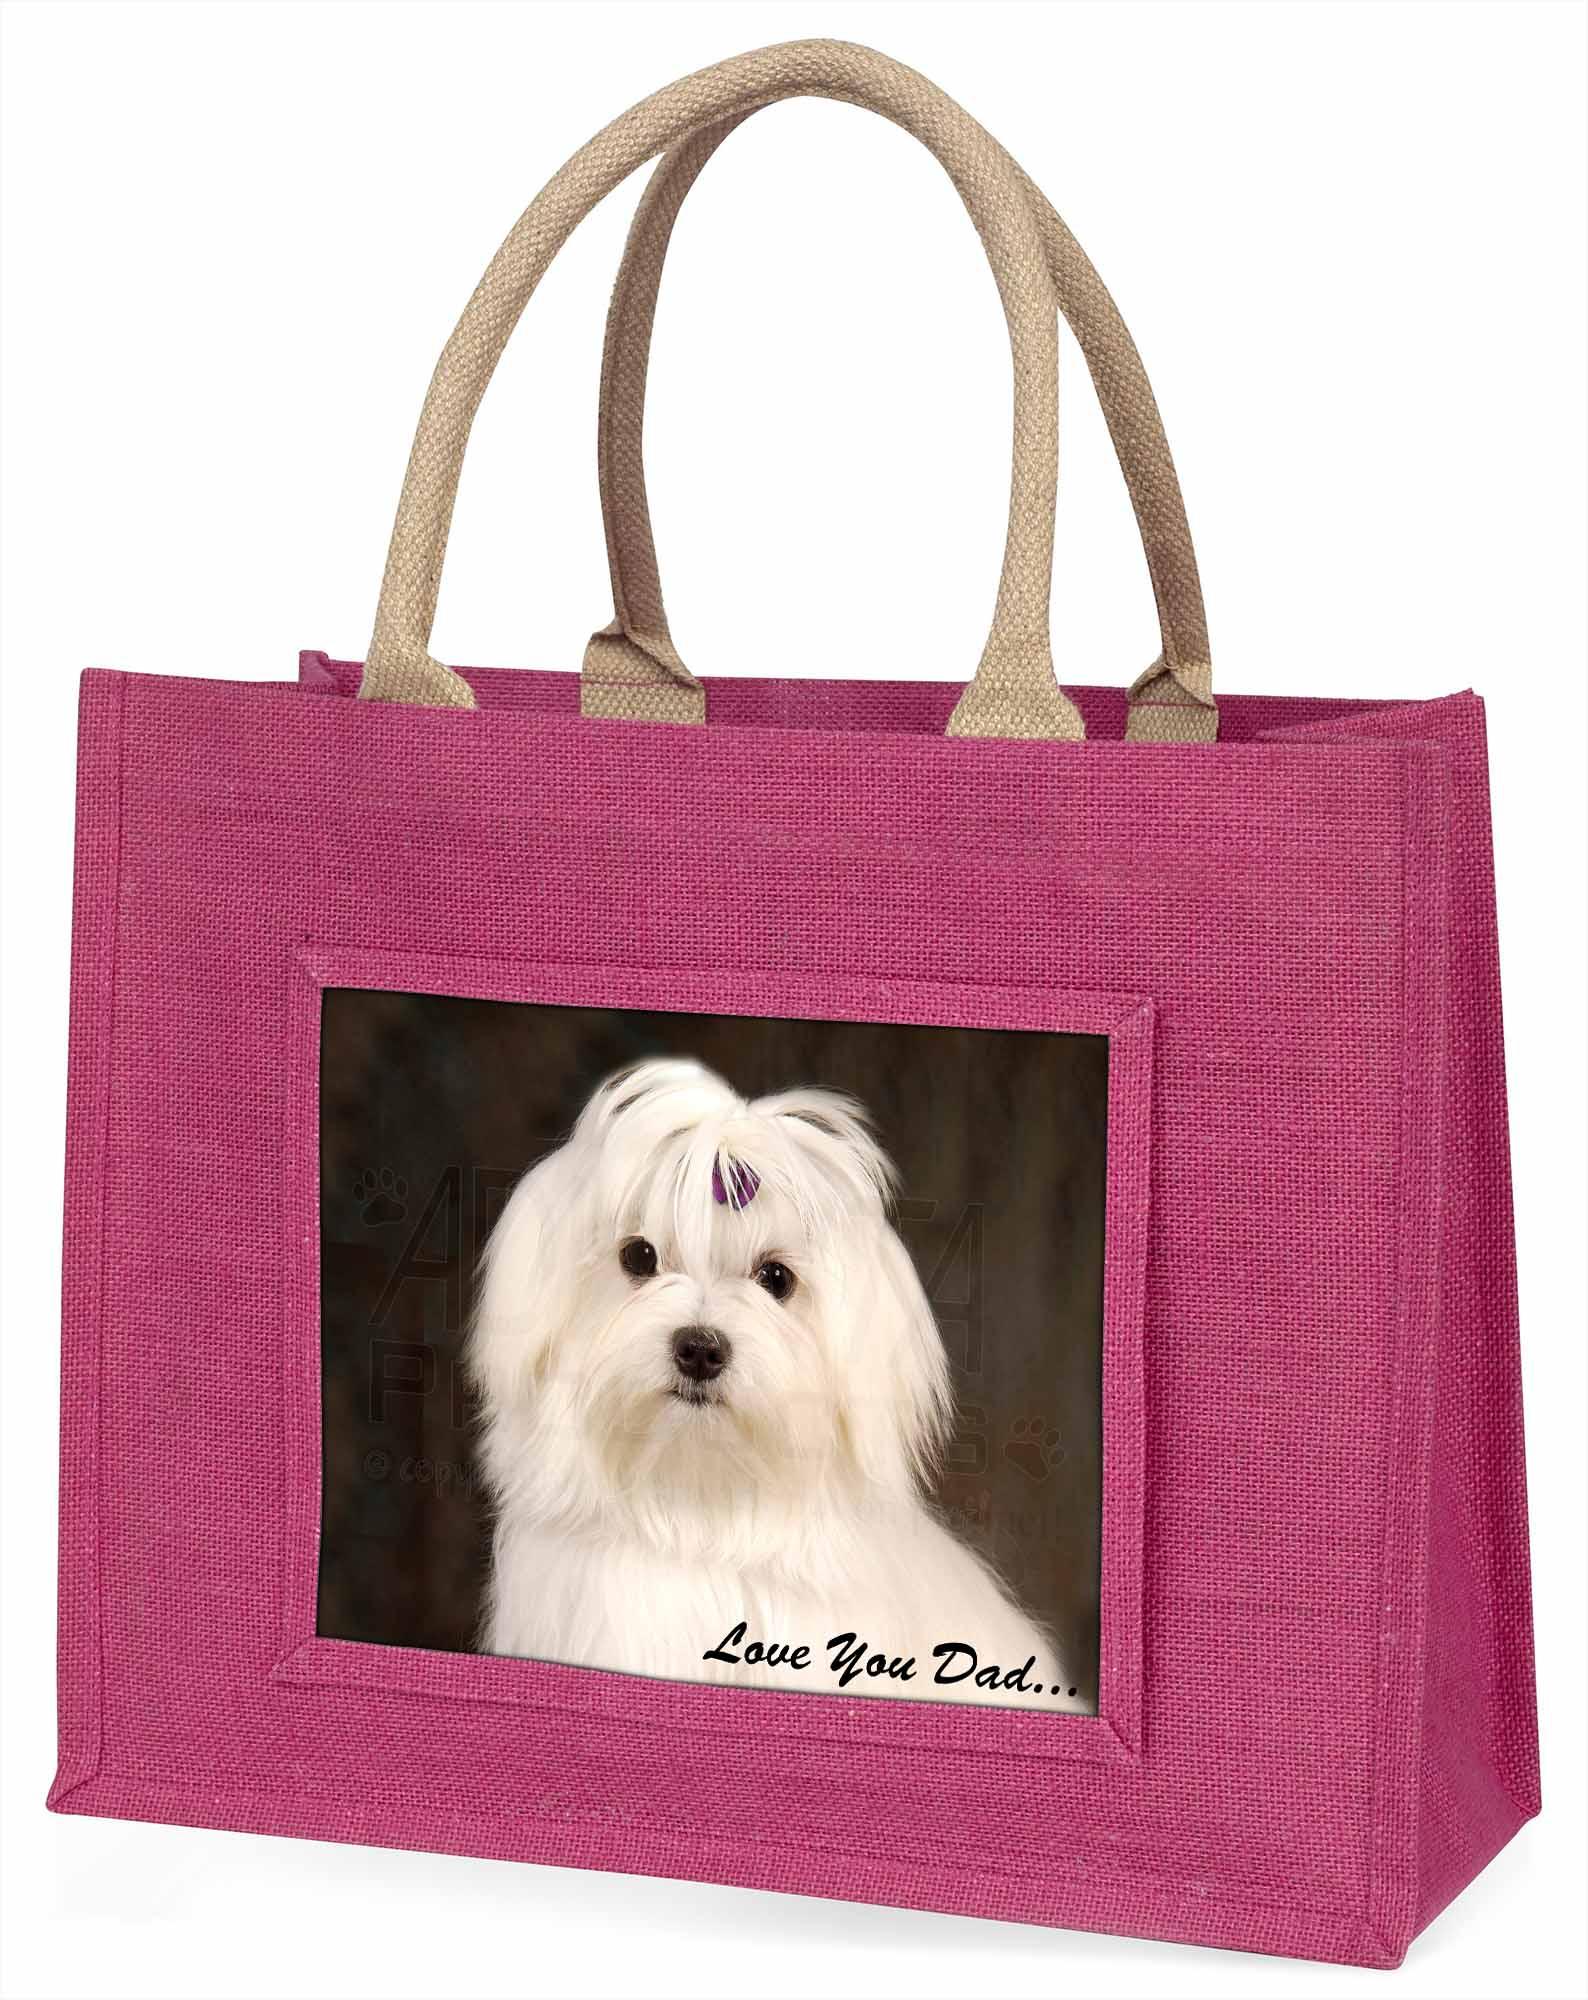 Malteser Hund' liebe Dich Papa' große rosa Einkaufstasche Weihnachtsgeschenk,